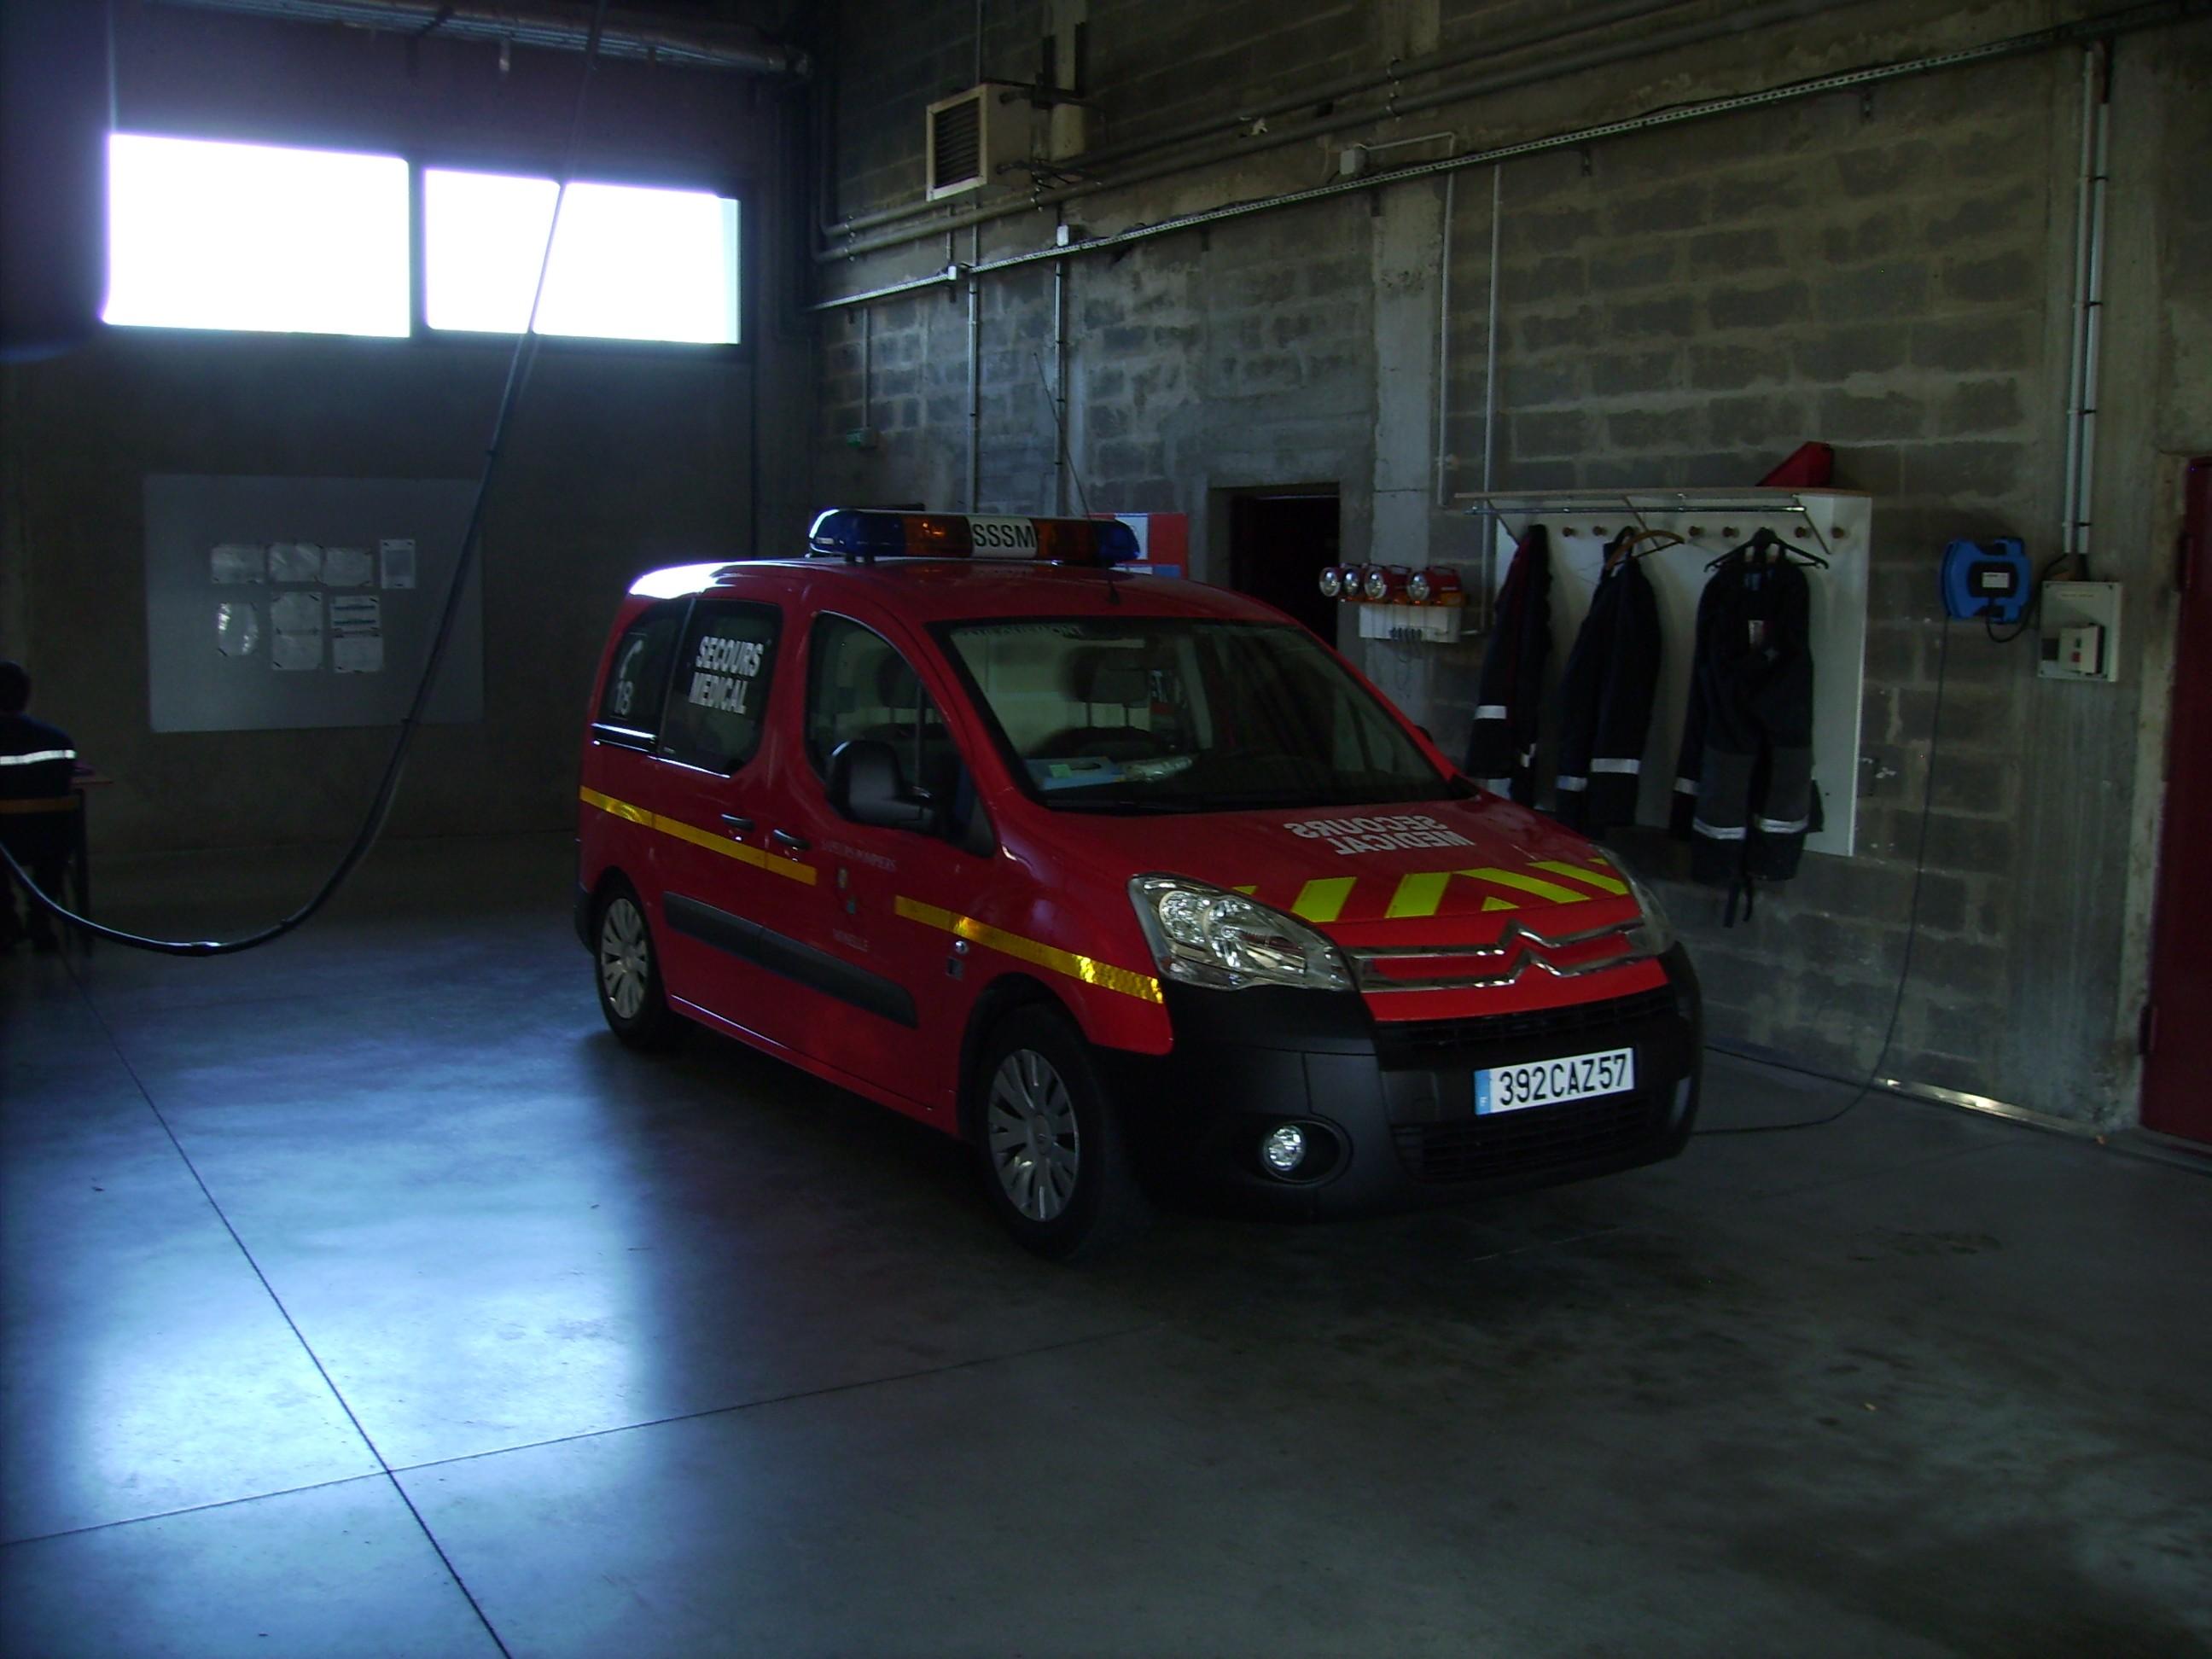 V hicules des pompiers fran ais page 590 auto titre for Garage bouzonville auto